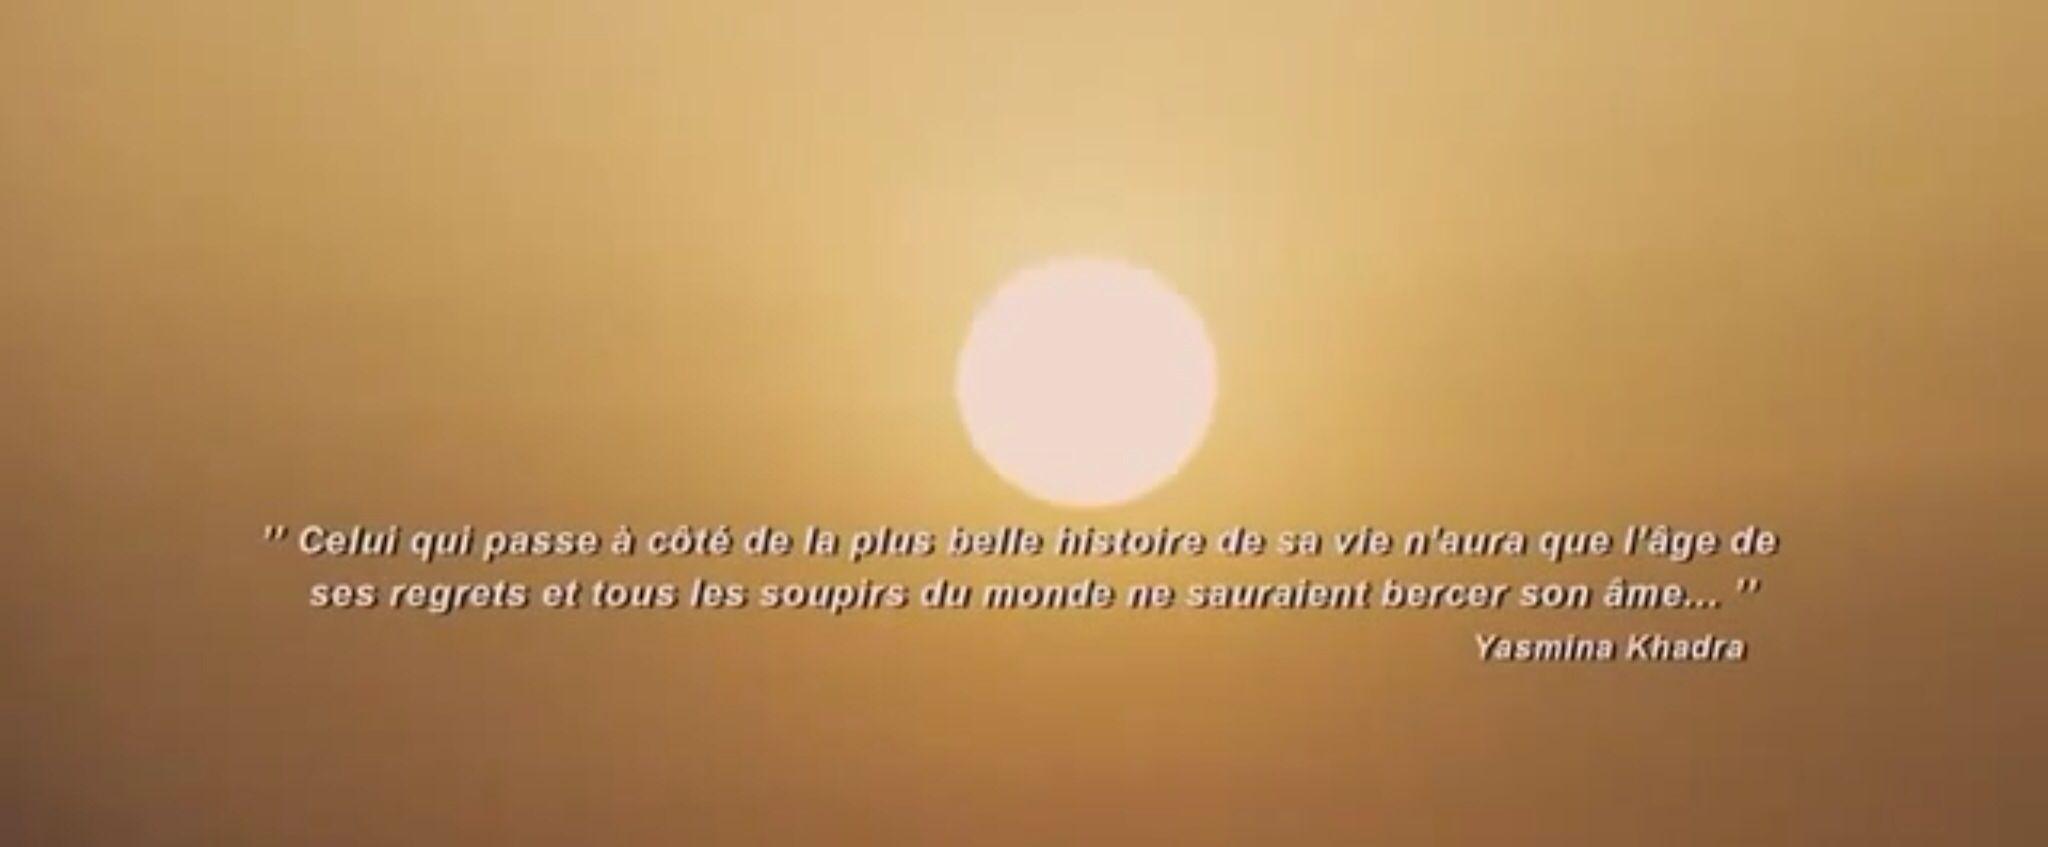 """""""Omul care lasă să-i scape dragostea vieții sale, va ajunge singur cu regretele sale și toate suspinele lumii nu-i pot aduce alinarea sufletului.."""" Yasmina Khadra"""